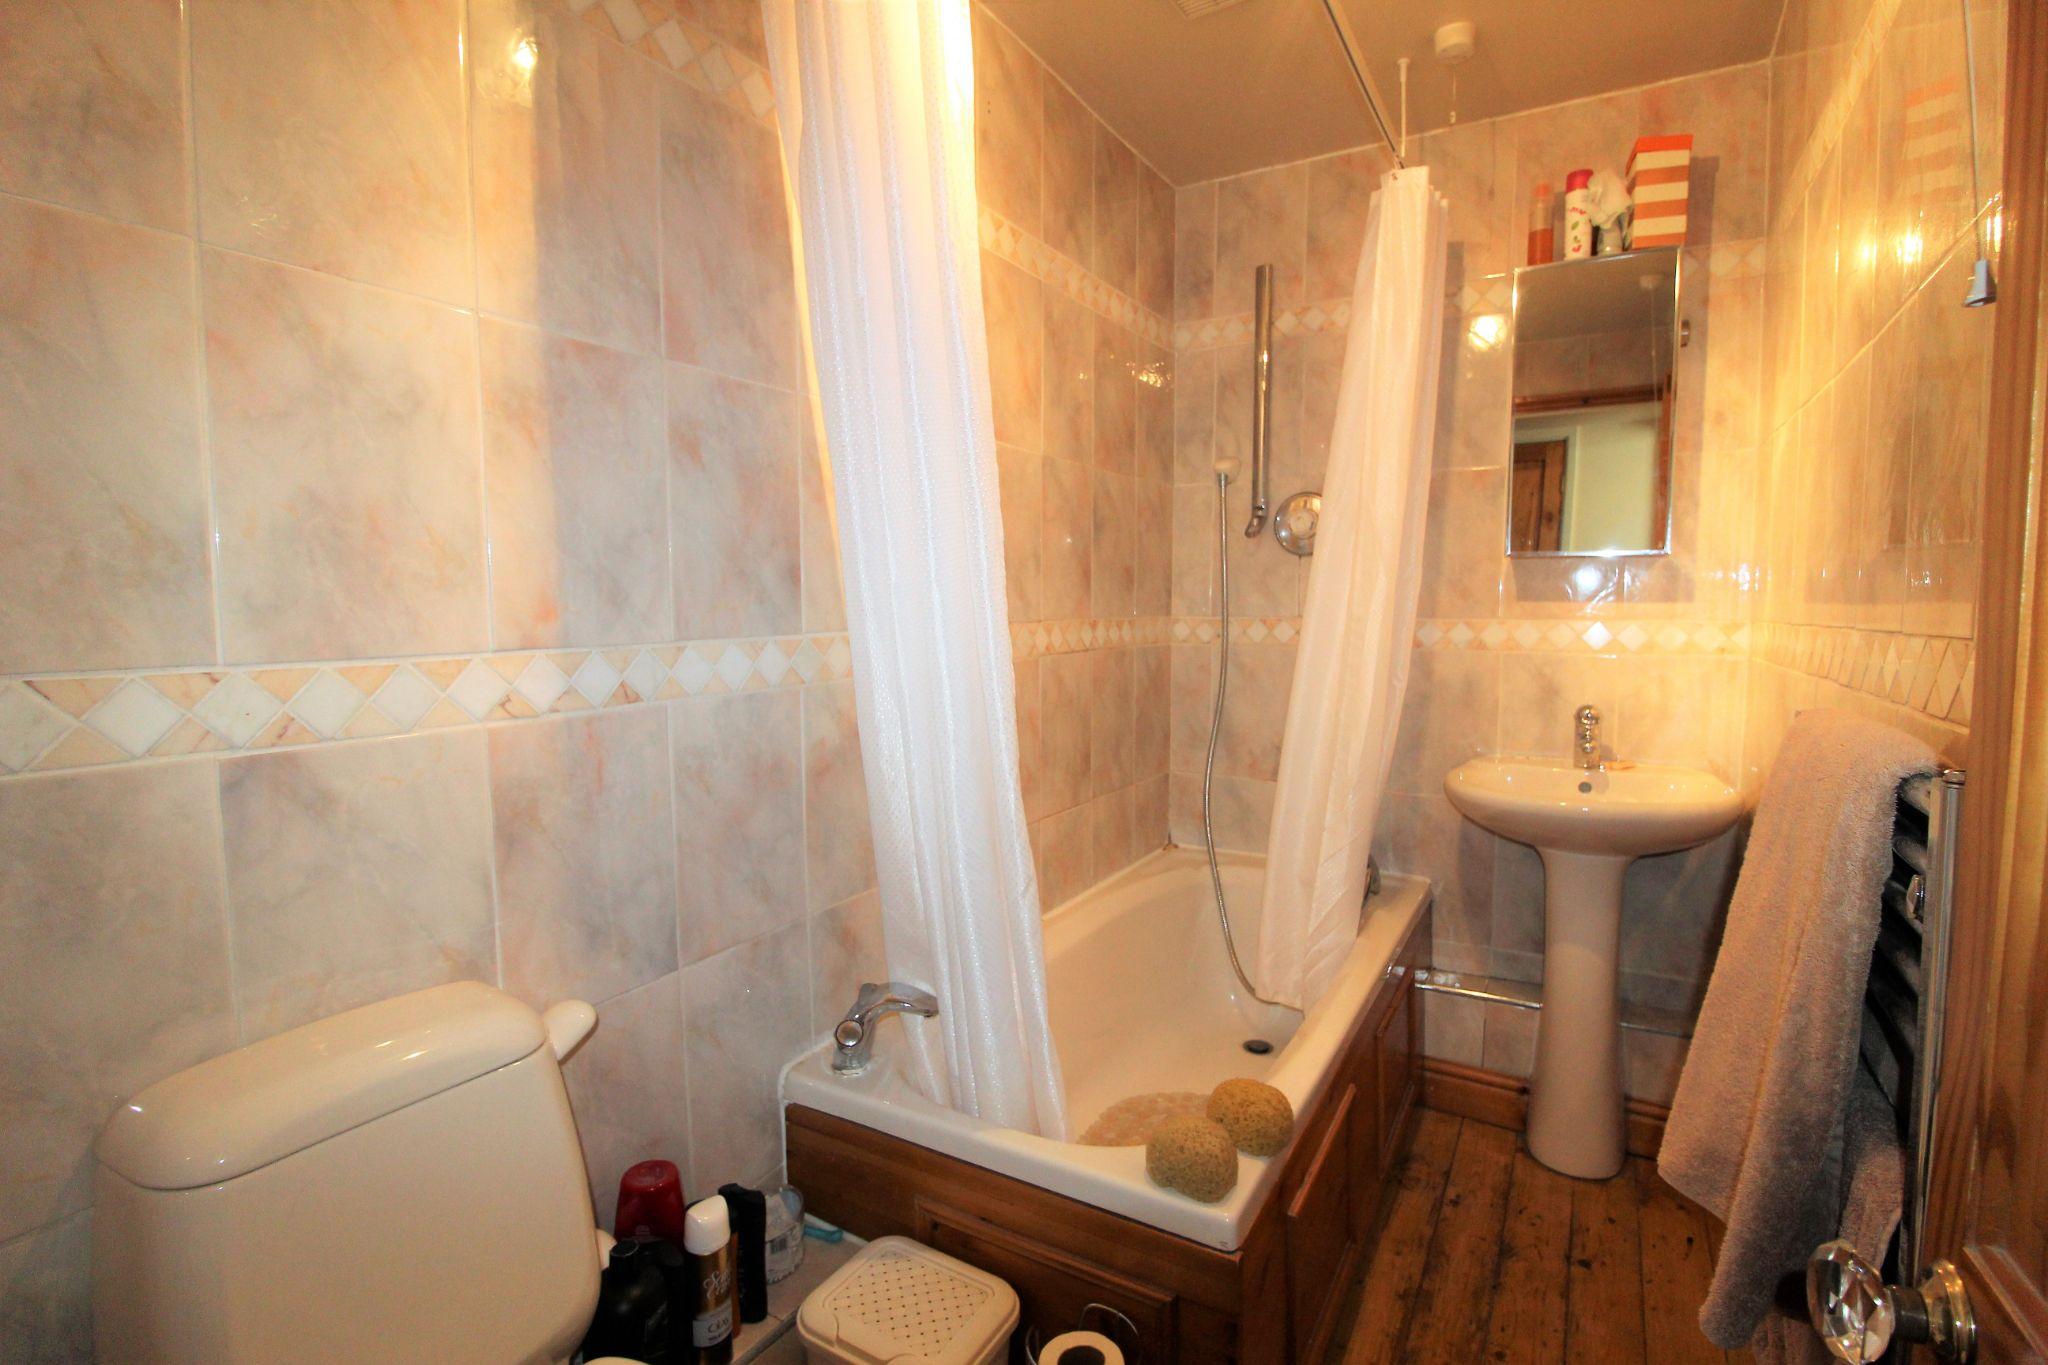 2 bedroom cottage house Let in Wakefield - Bathroom